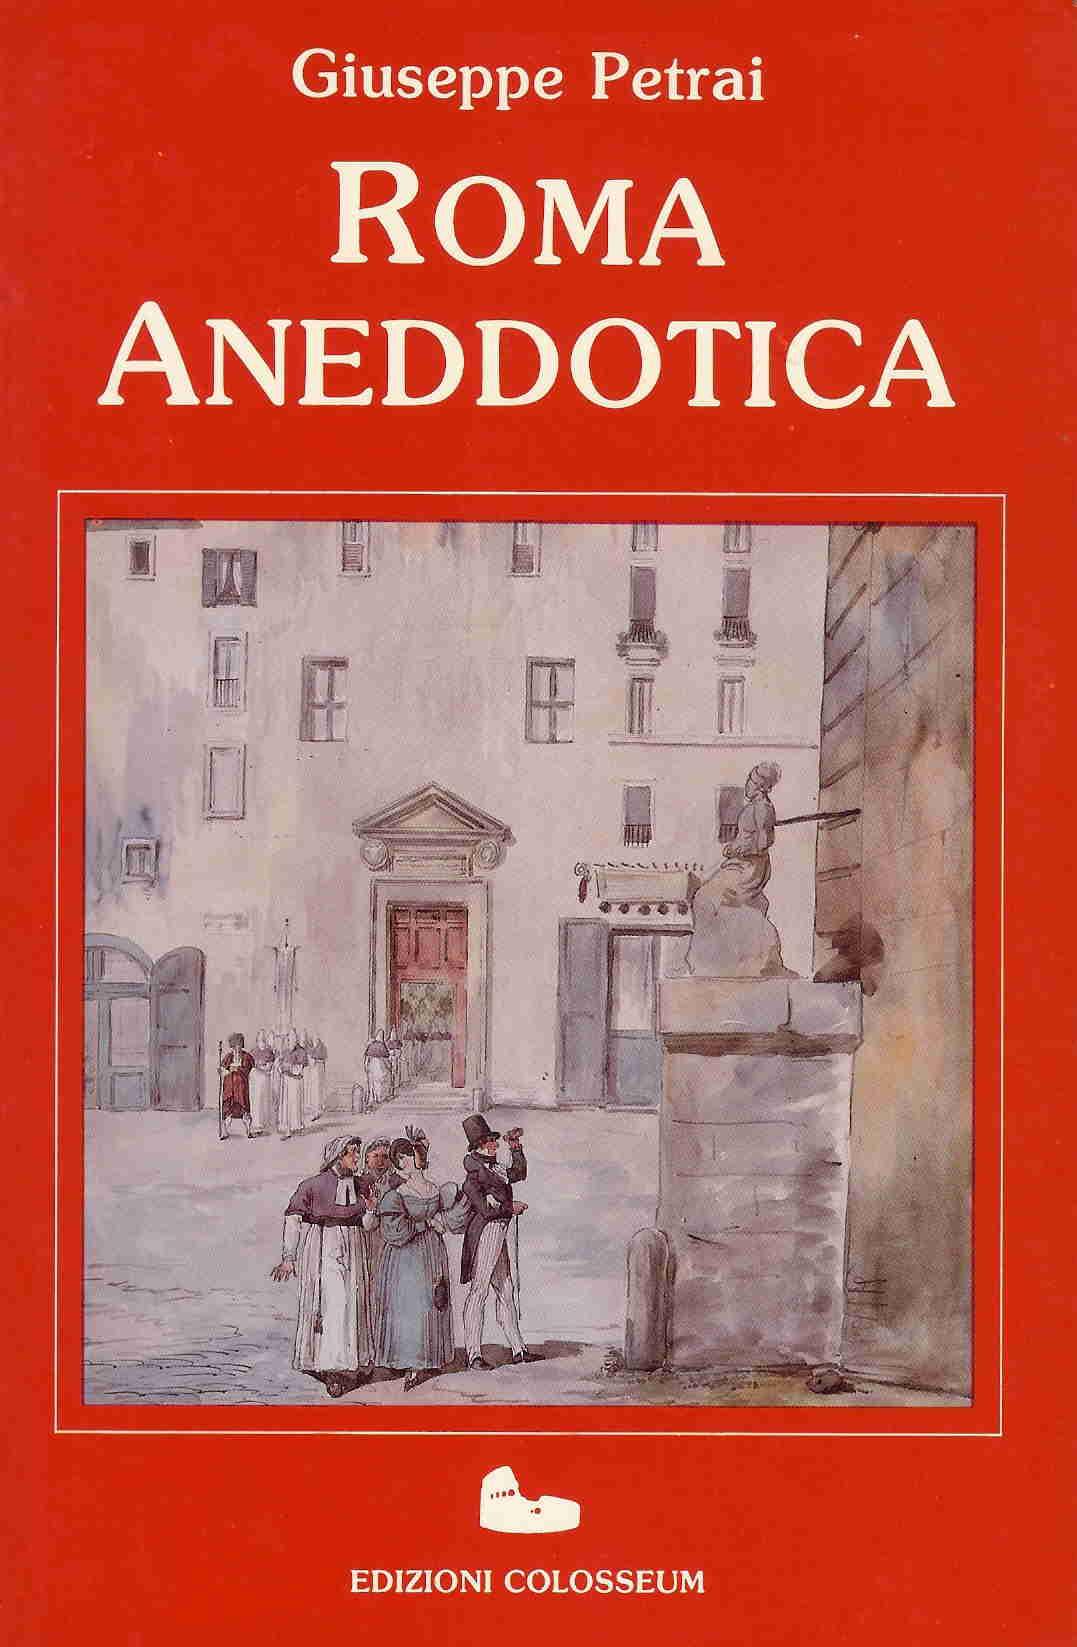 Roma aneddotica